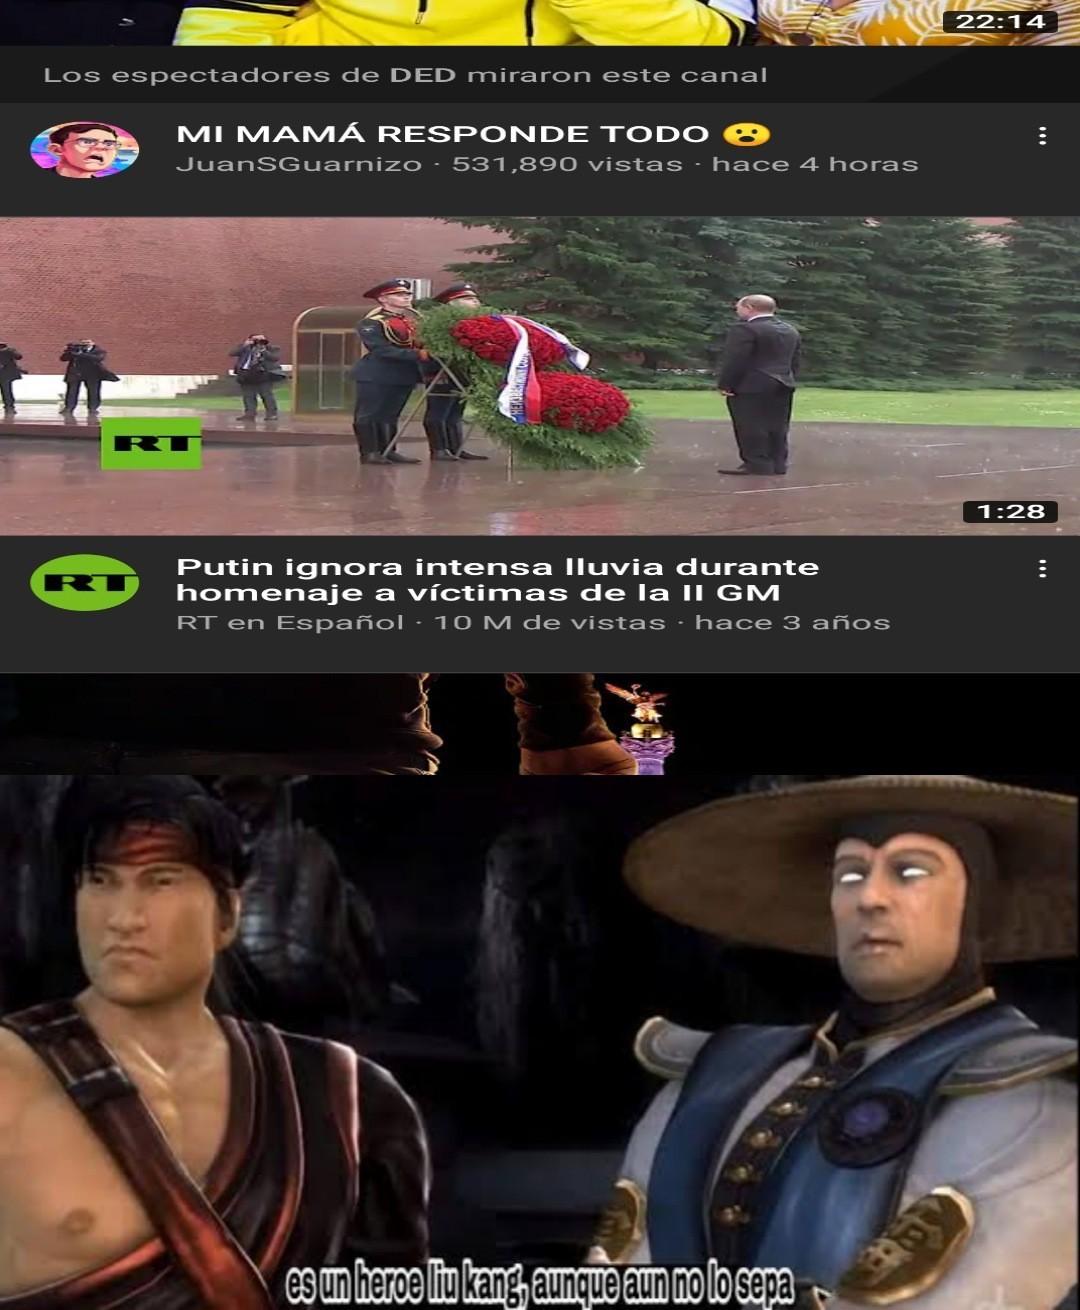 Y si restablecemos la unión soviética - meme